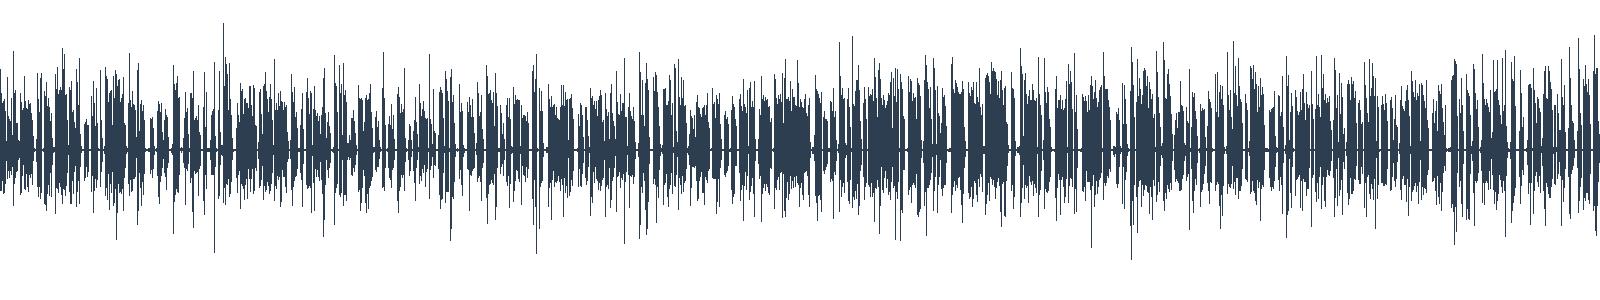 Mrazivé dni waveform